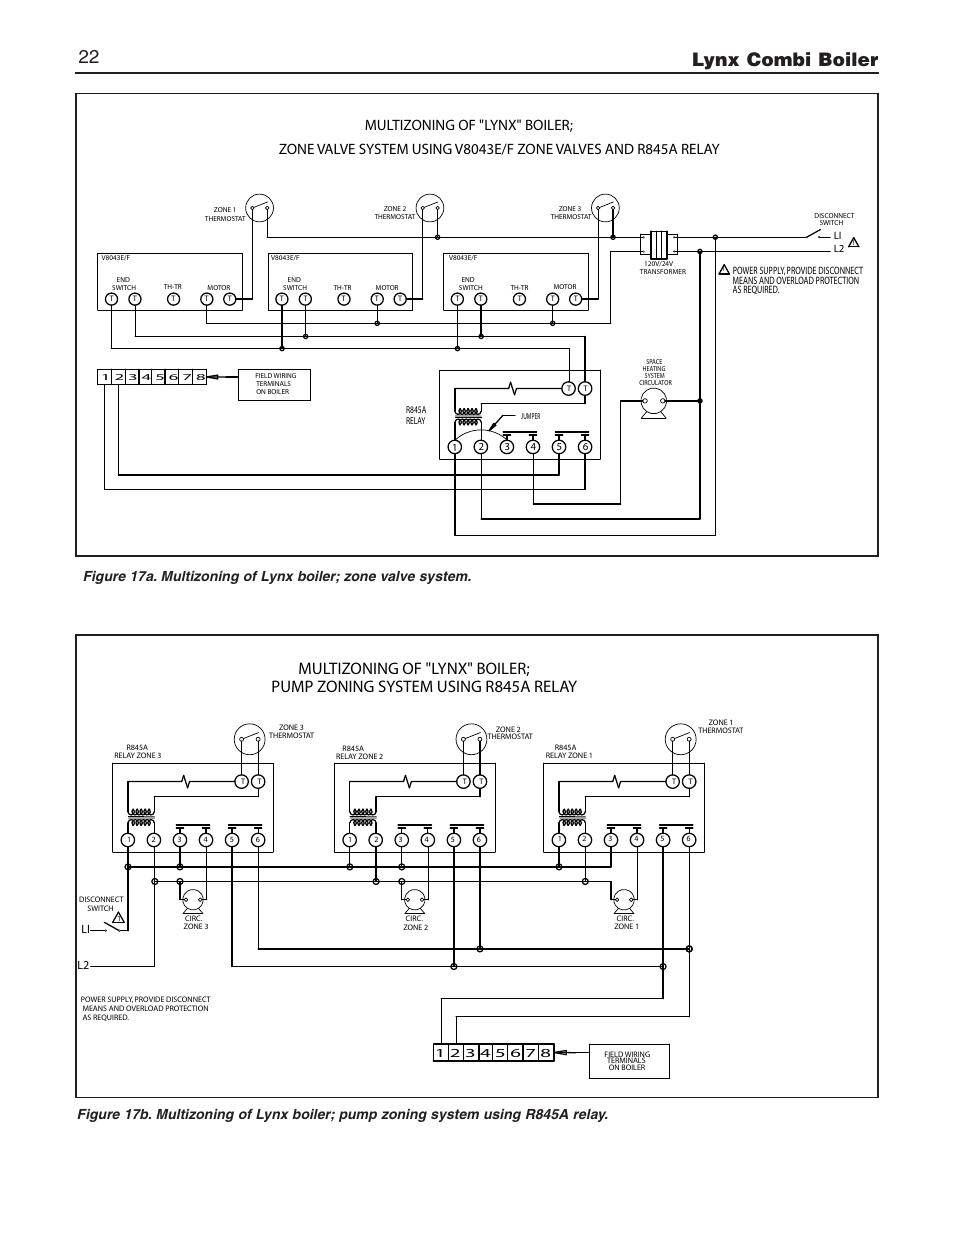 slant fin boiler wiring diagram wiring library slant fin steam boiler wiring diagram lynx combi boiler 22, li l2 slant fin lx 150cb user manual